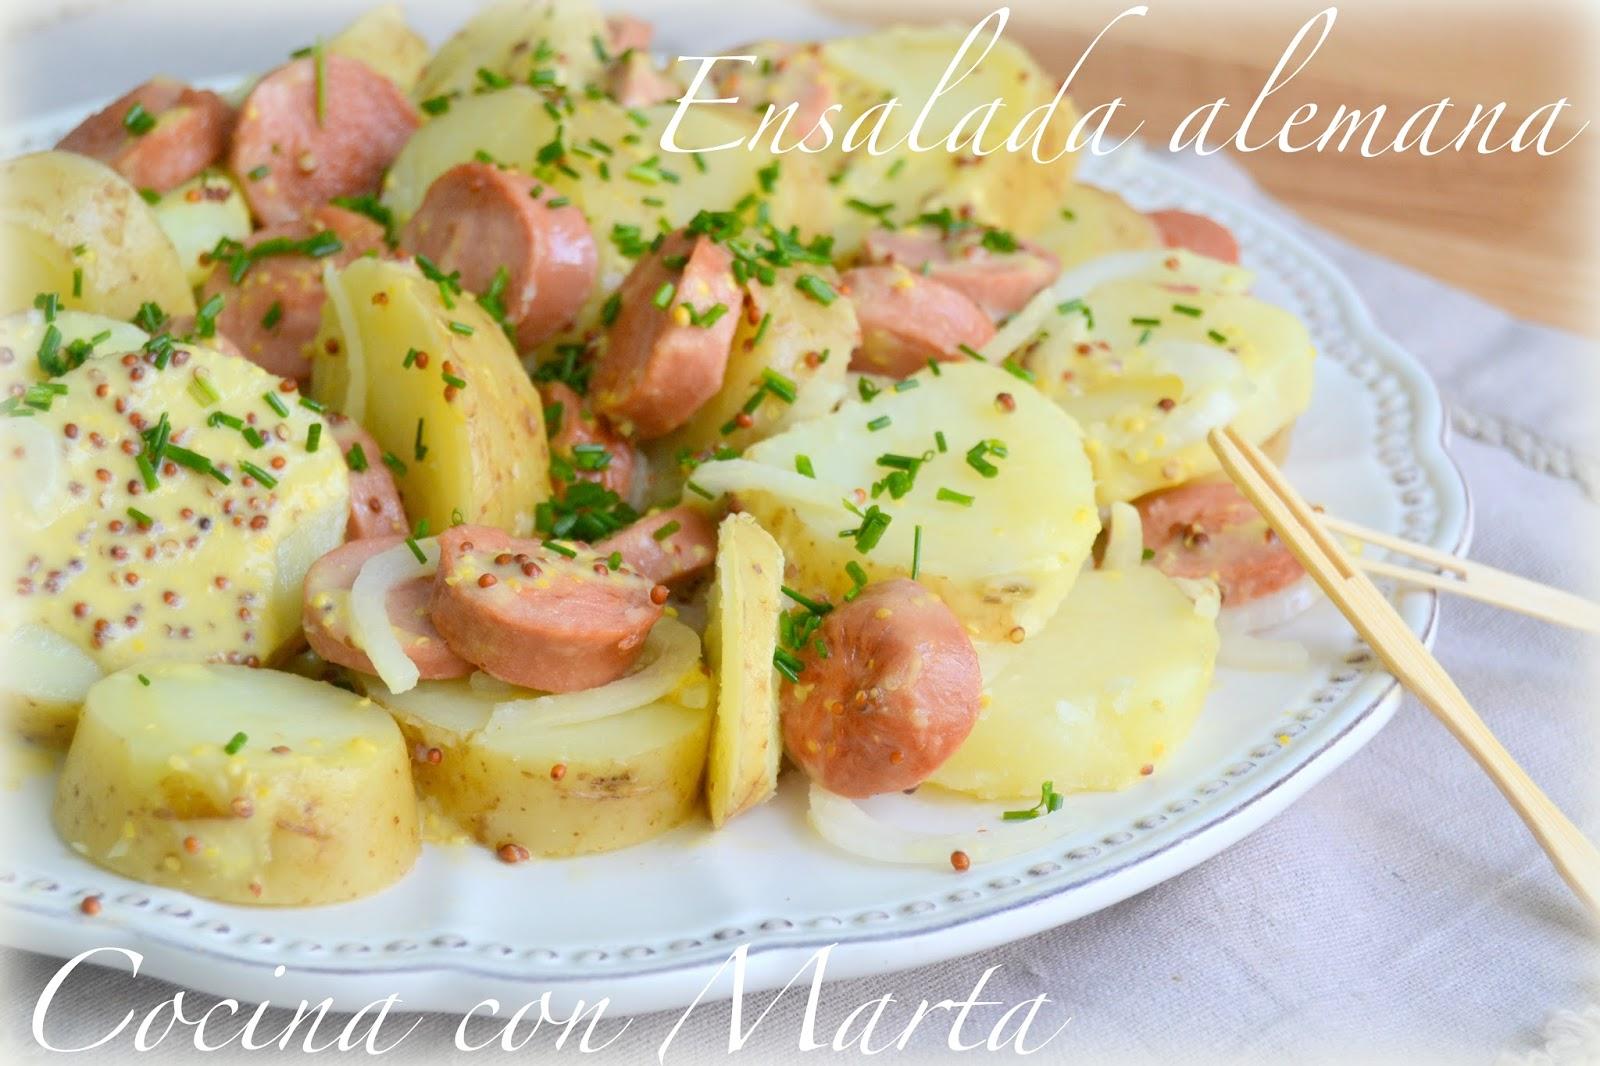 Cocina con marta recetas f ciles r pidas y caseras para for Comidas ricas y baratas